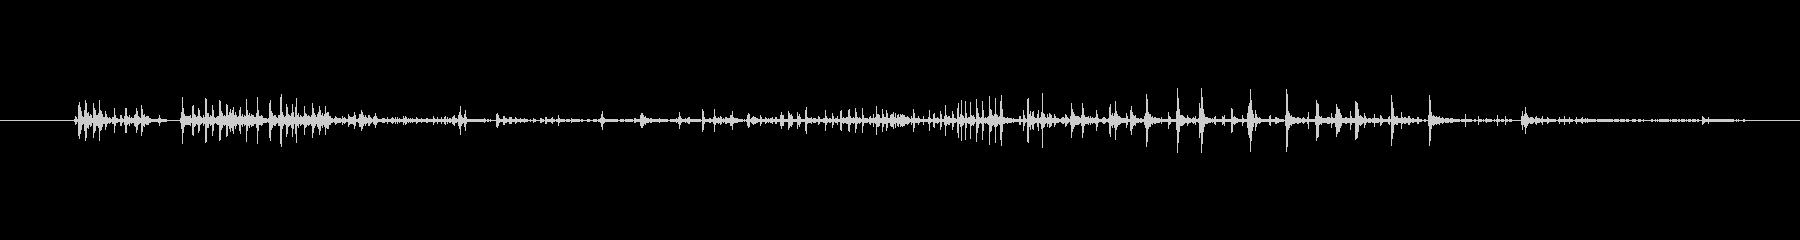 レザー クリークロングソフト03の未再生の波形